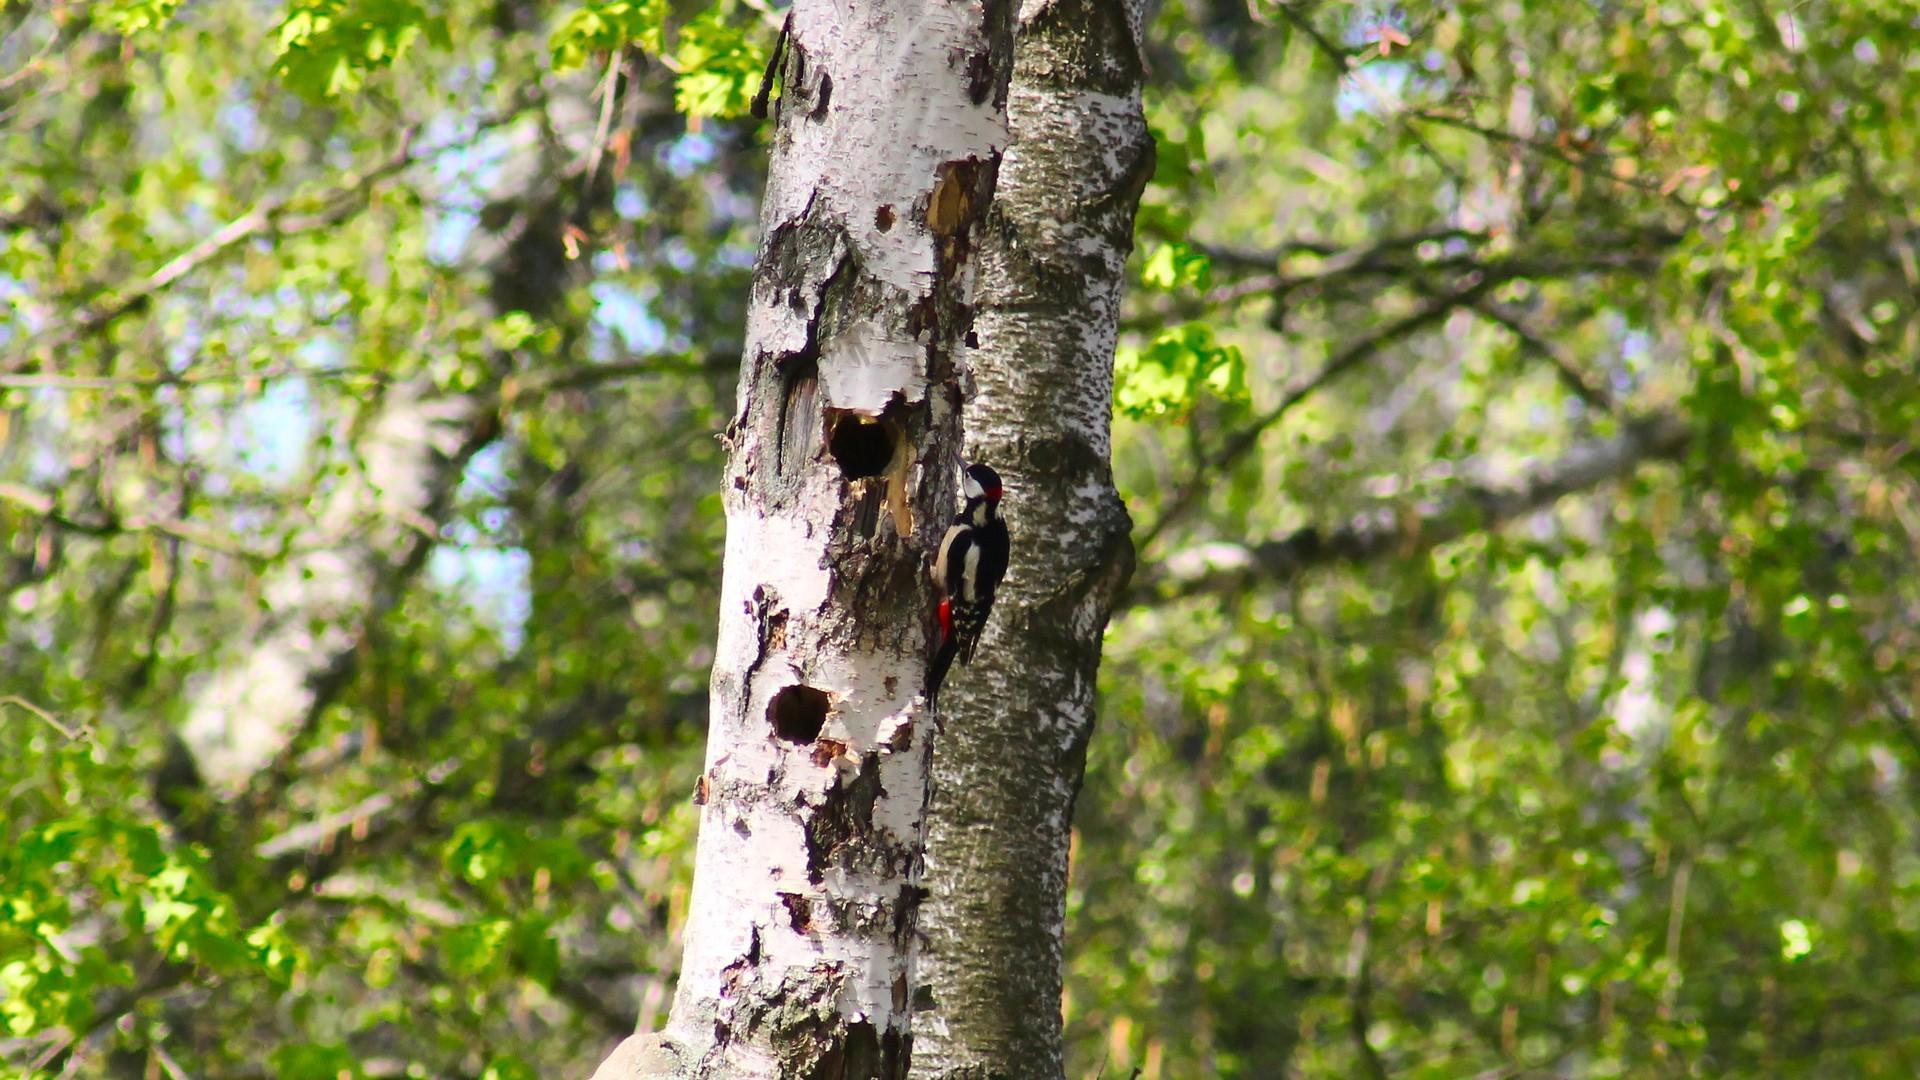 Brüten Vögel in Ihrer Birke, können Sie eine Fällgenehmigung meist vergessen.